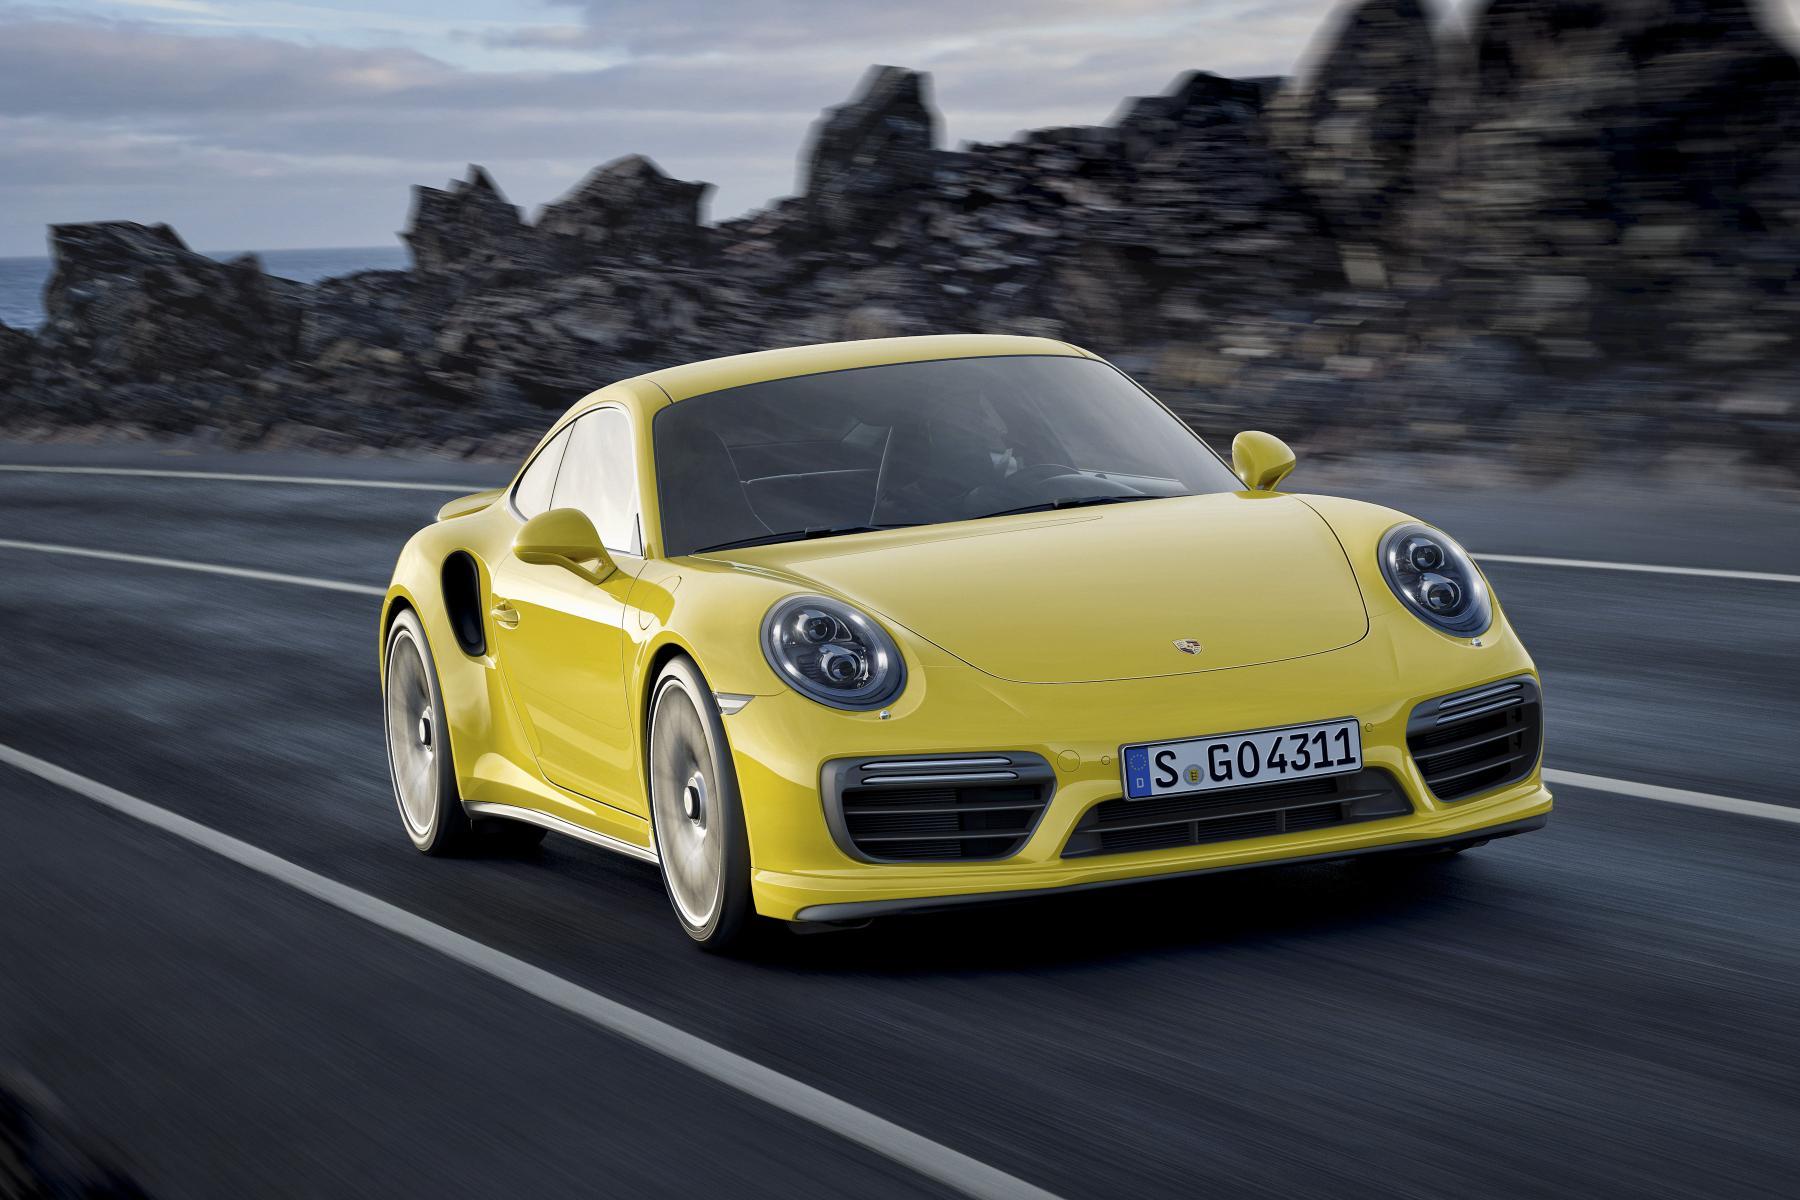 Nuova Porsche 911 Turbo e 911 Turbo S ecco i prezzi 3